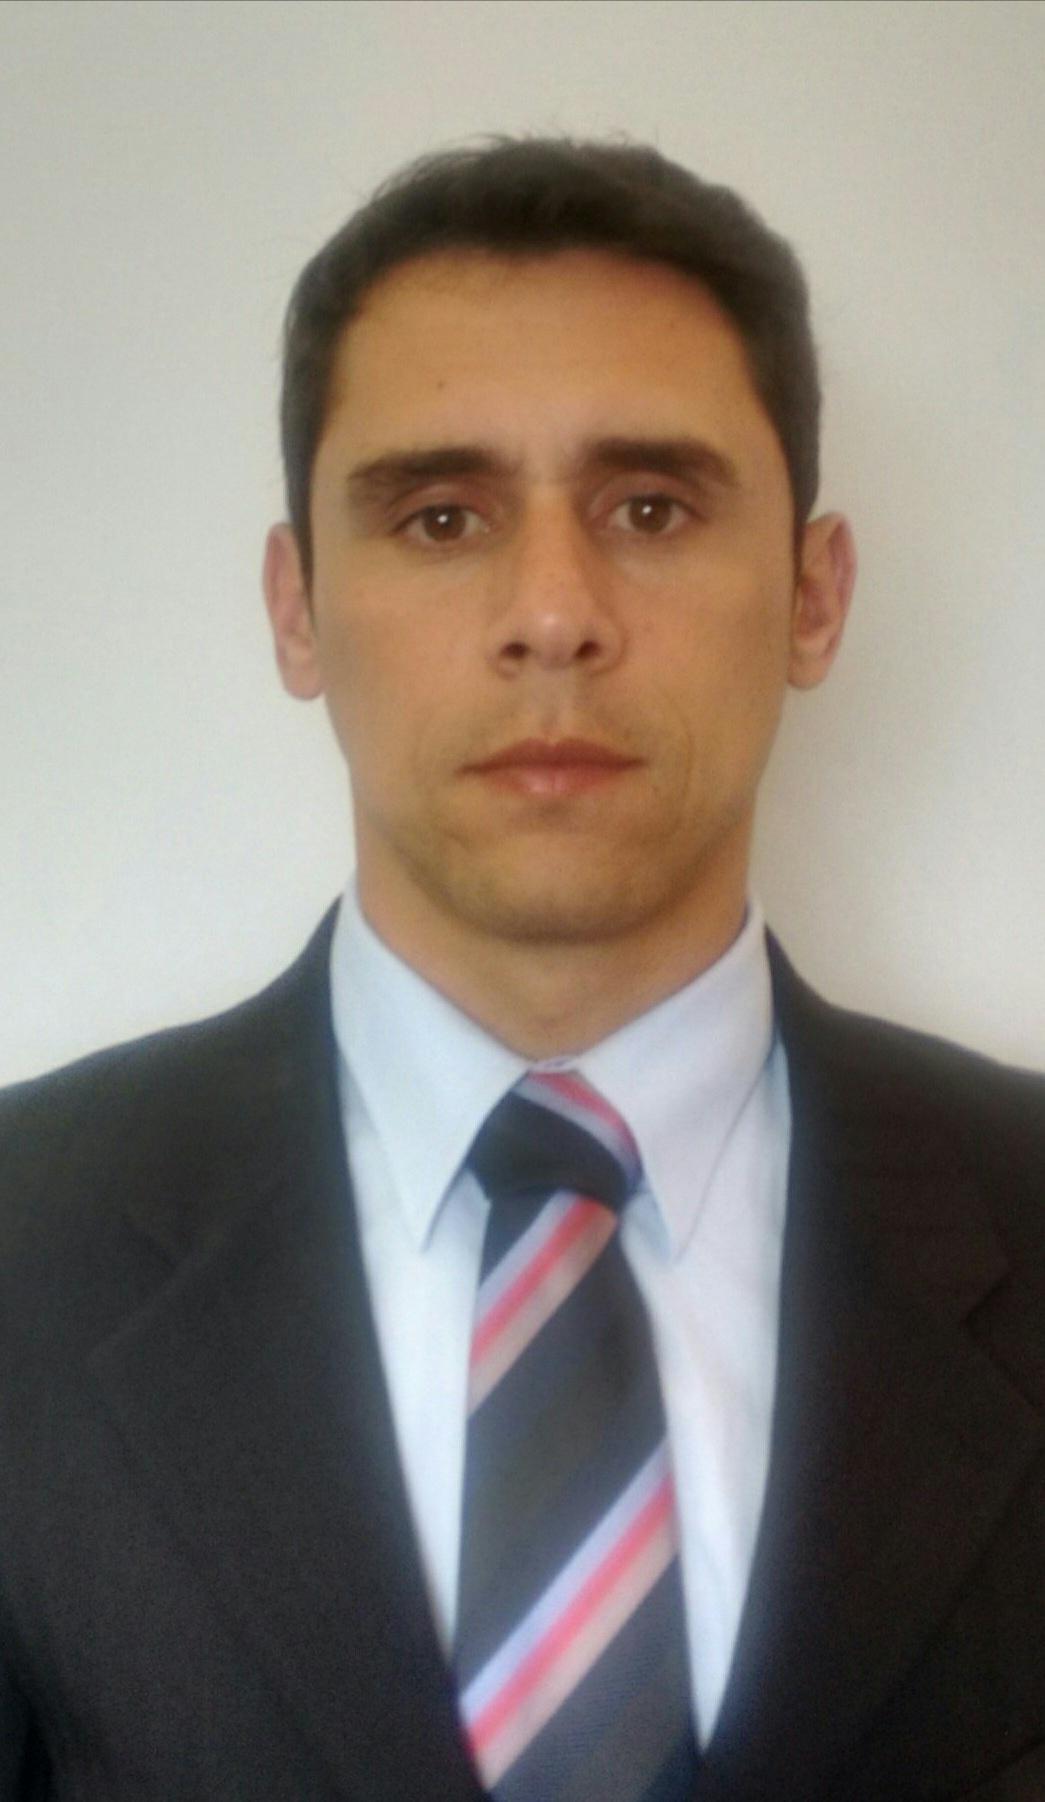 Ricardo Junio de Souza